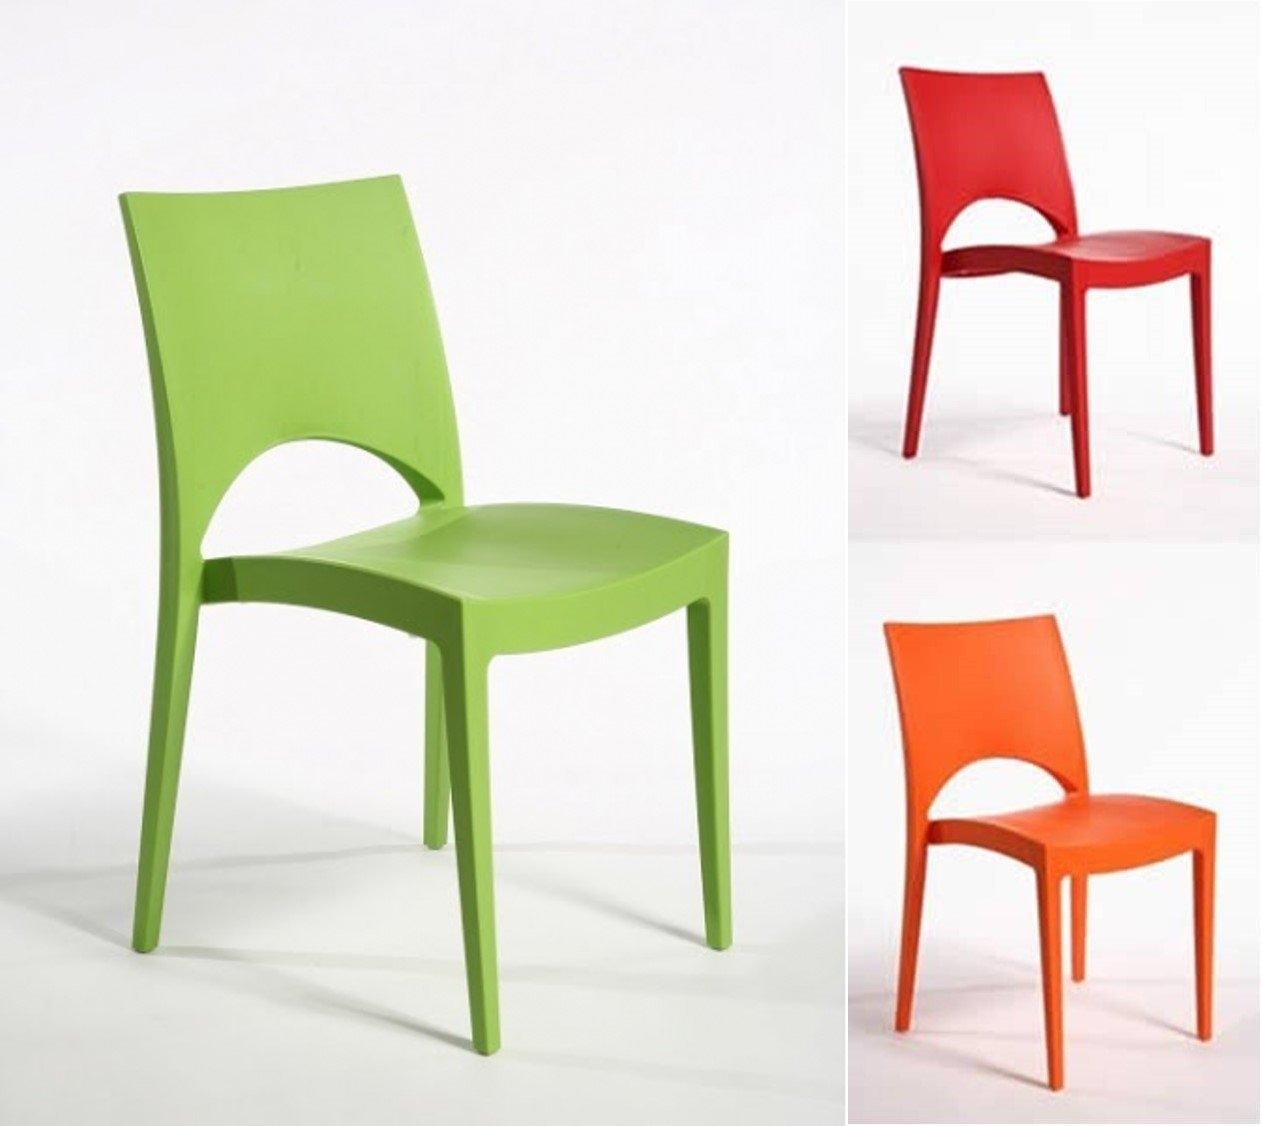 Sedie in plastica sedie impilabili cucina bar interno for Sedie impilabili plastica